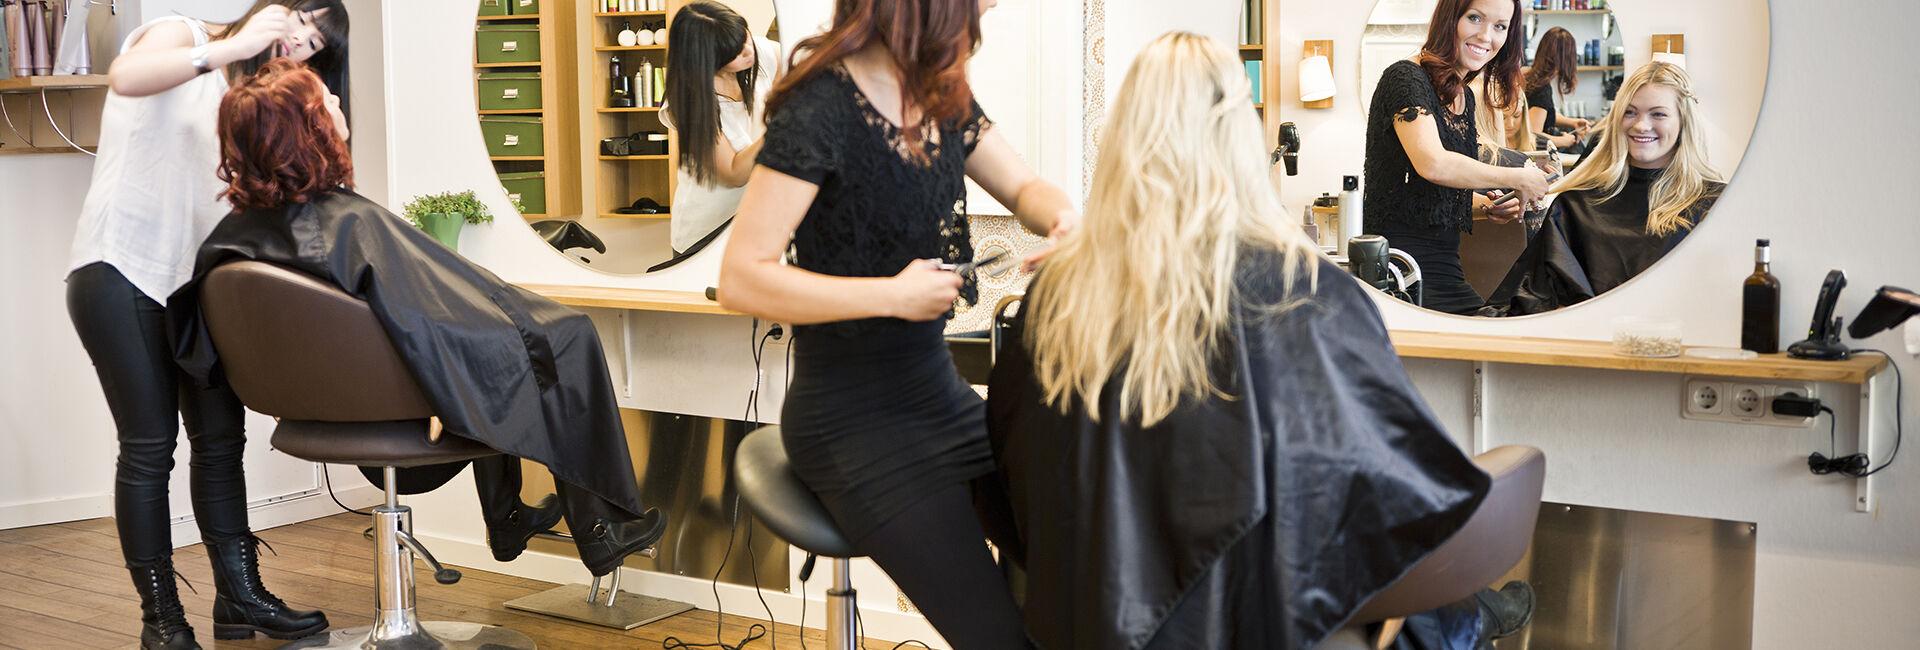 Blueair  Hair and nail salon air purifiers  salon-banner